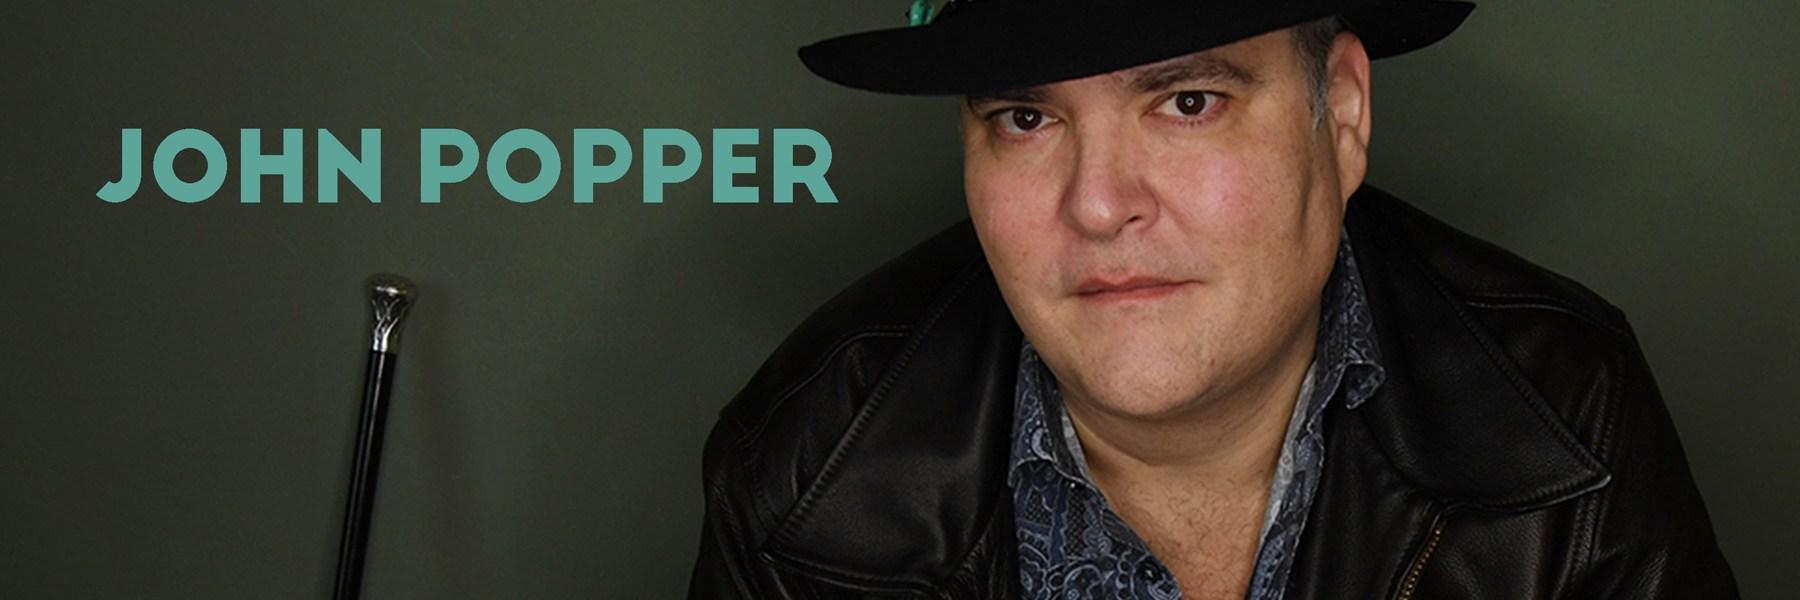 john popper